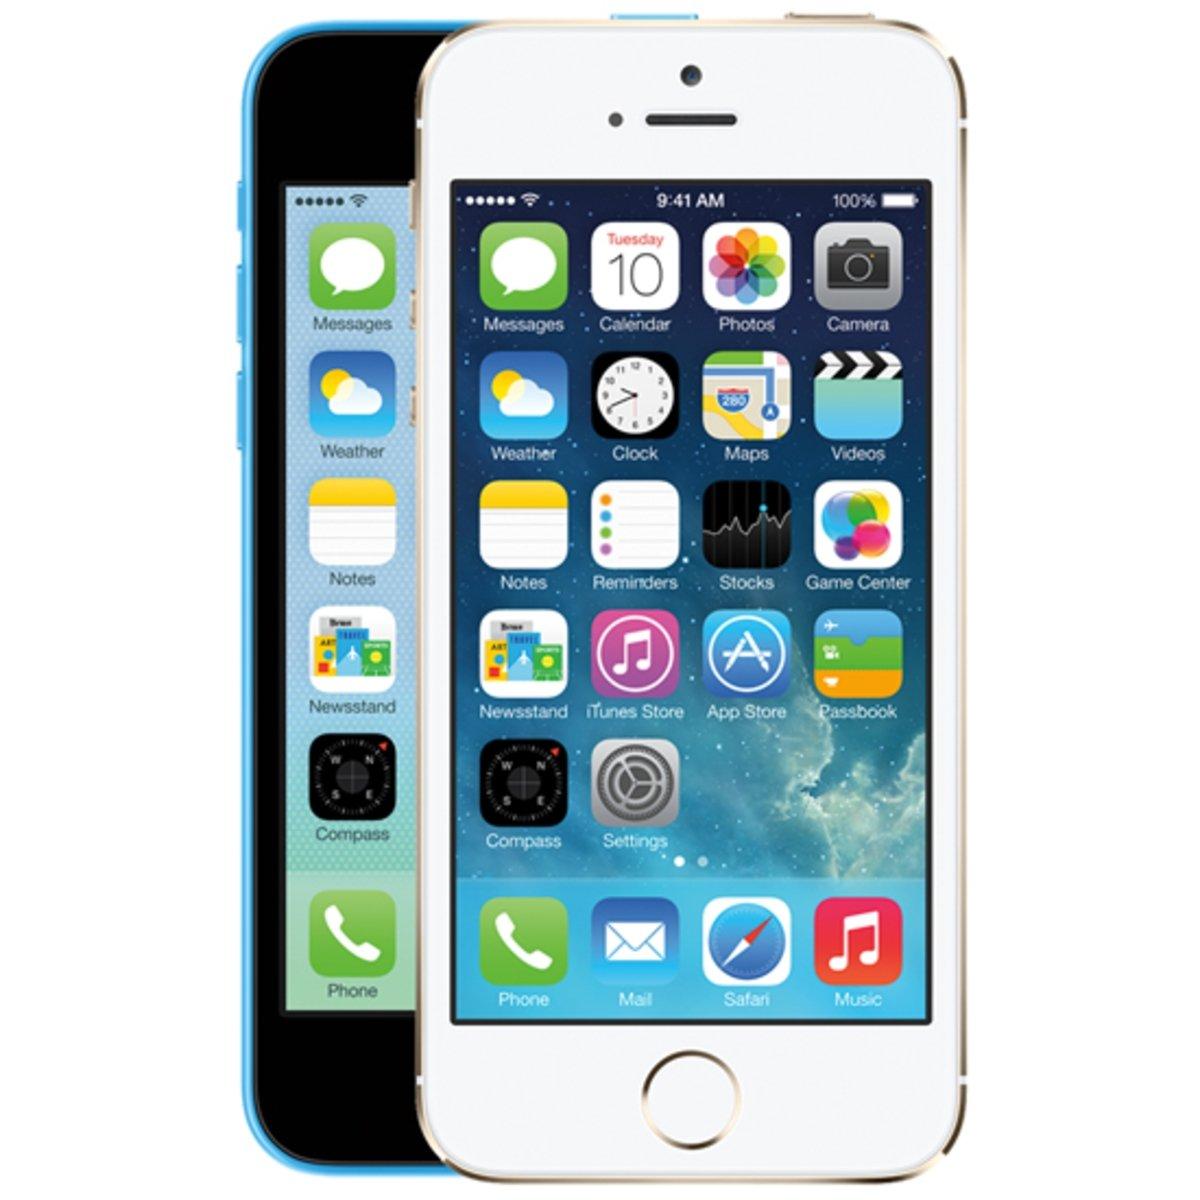 iphone-5s-ios-8-3-impresiones-1